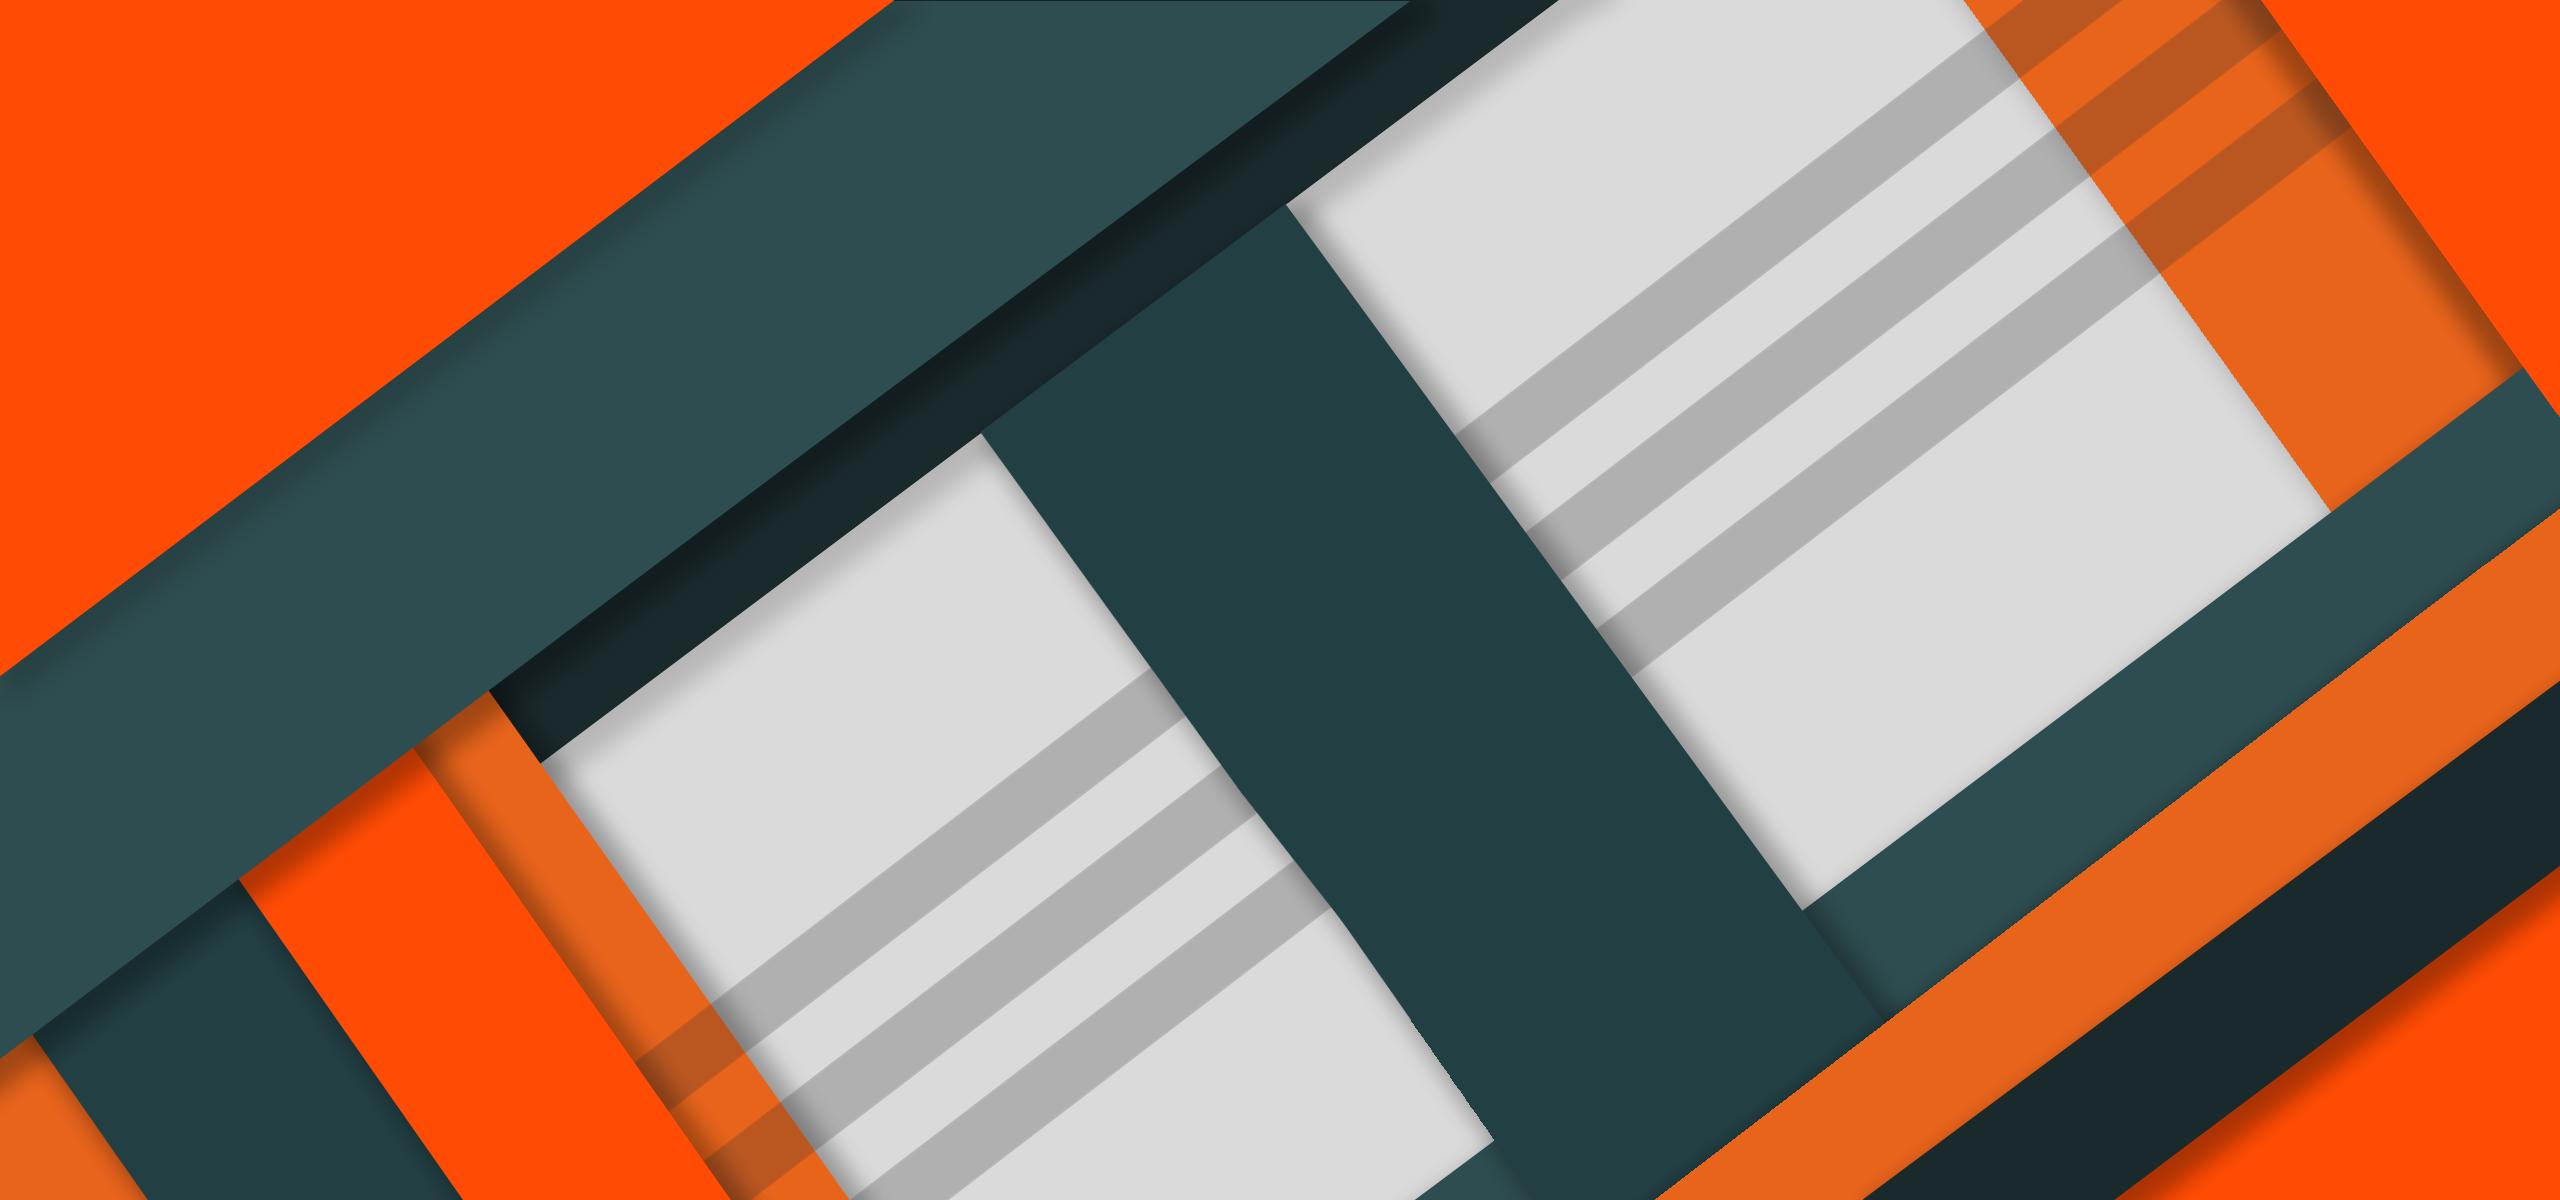 _material_design__bridges_by_hankjohnson